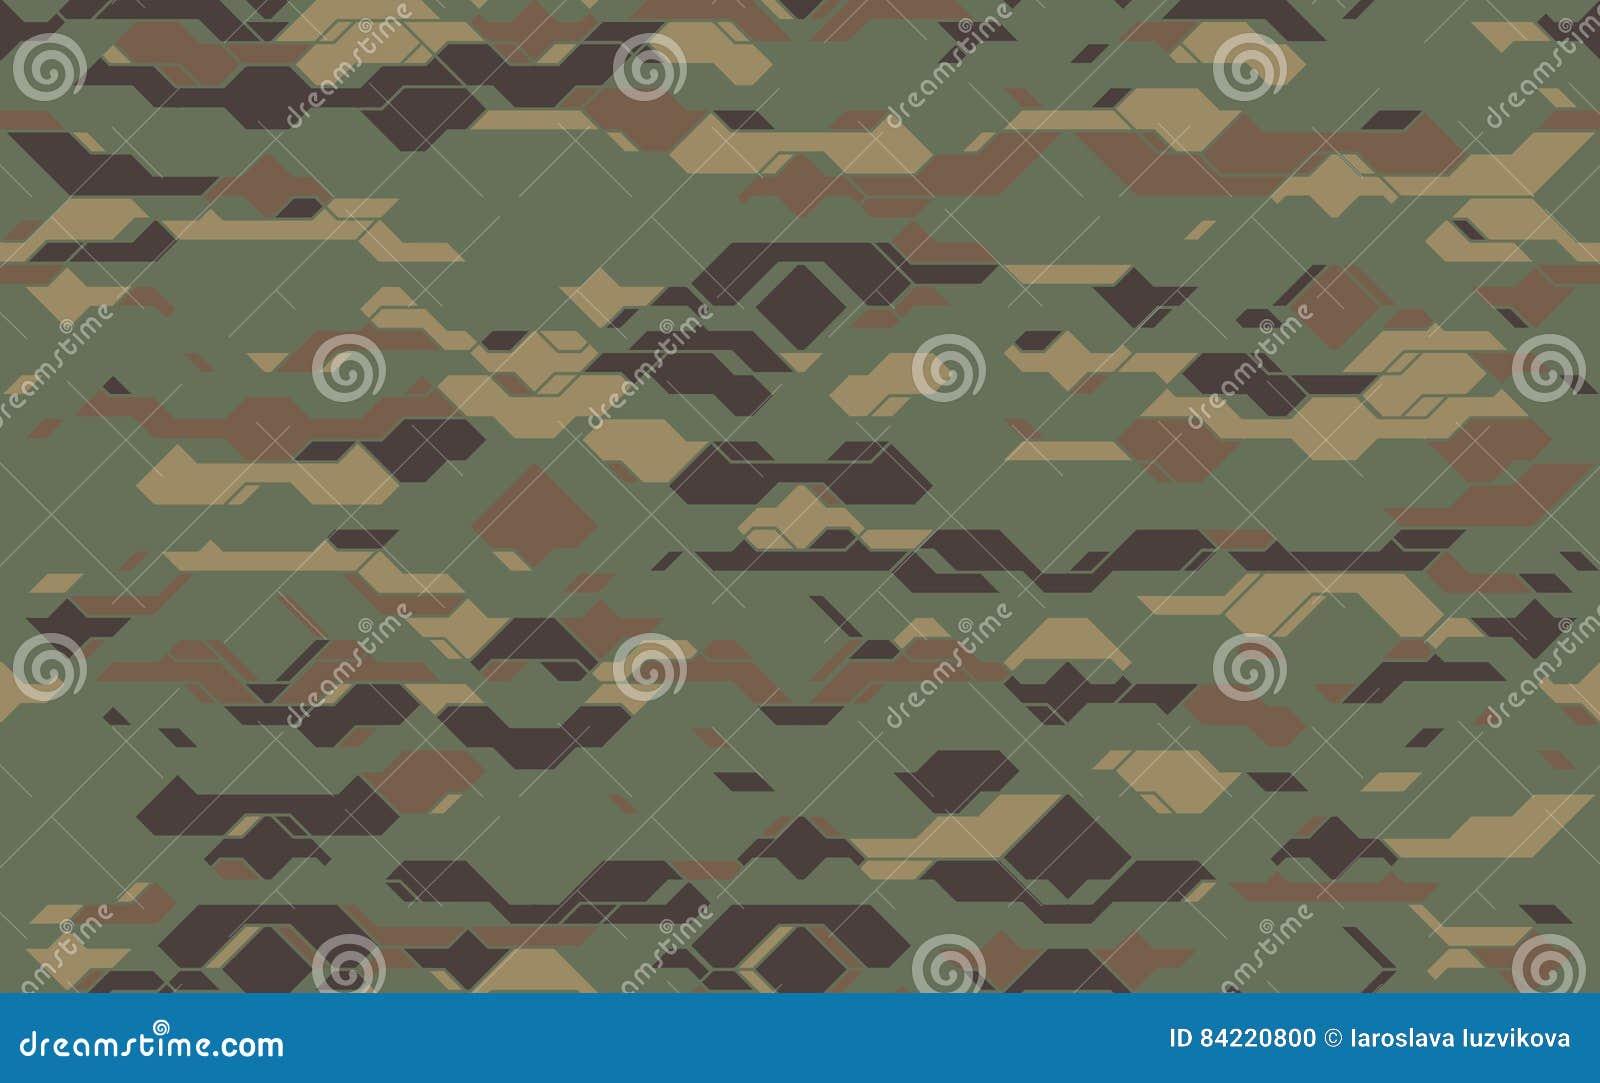 Textura Moderna Inconsútil De La Tela Del Camuflaje Del Ejército ...